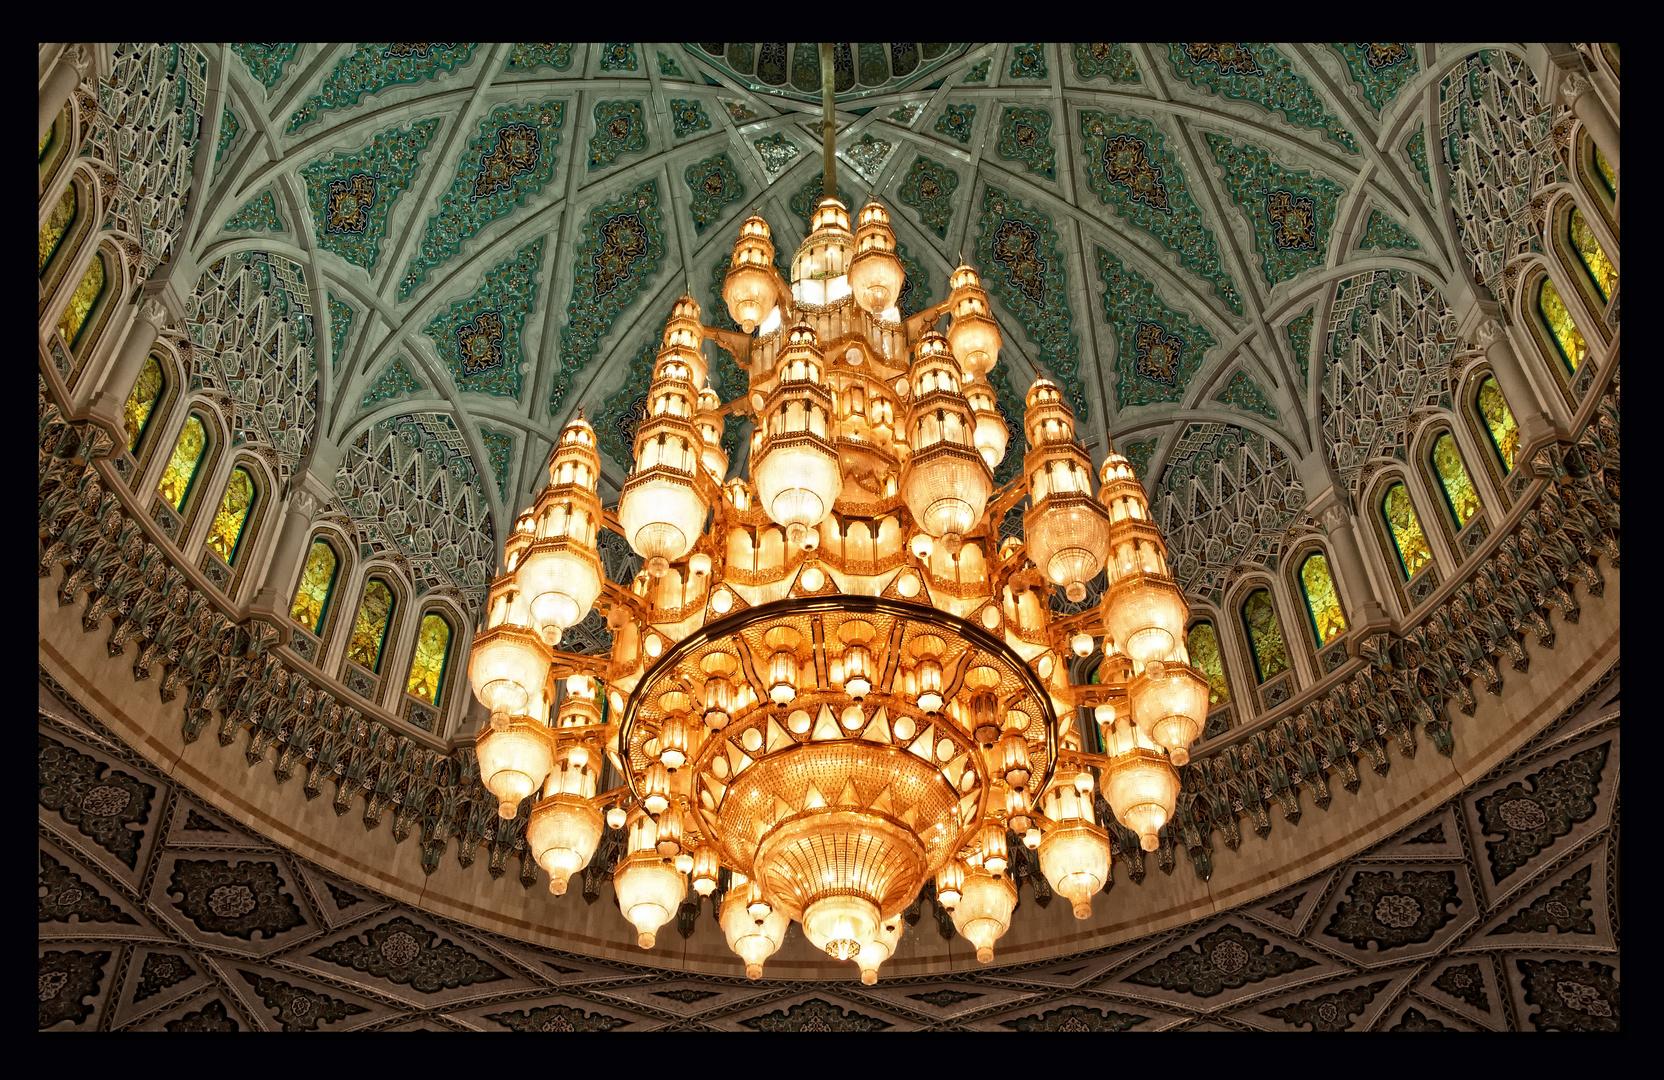 Sultan Qaboos Moschee - Kronleuchter